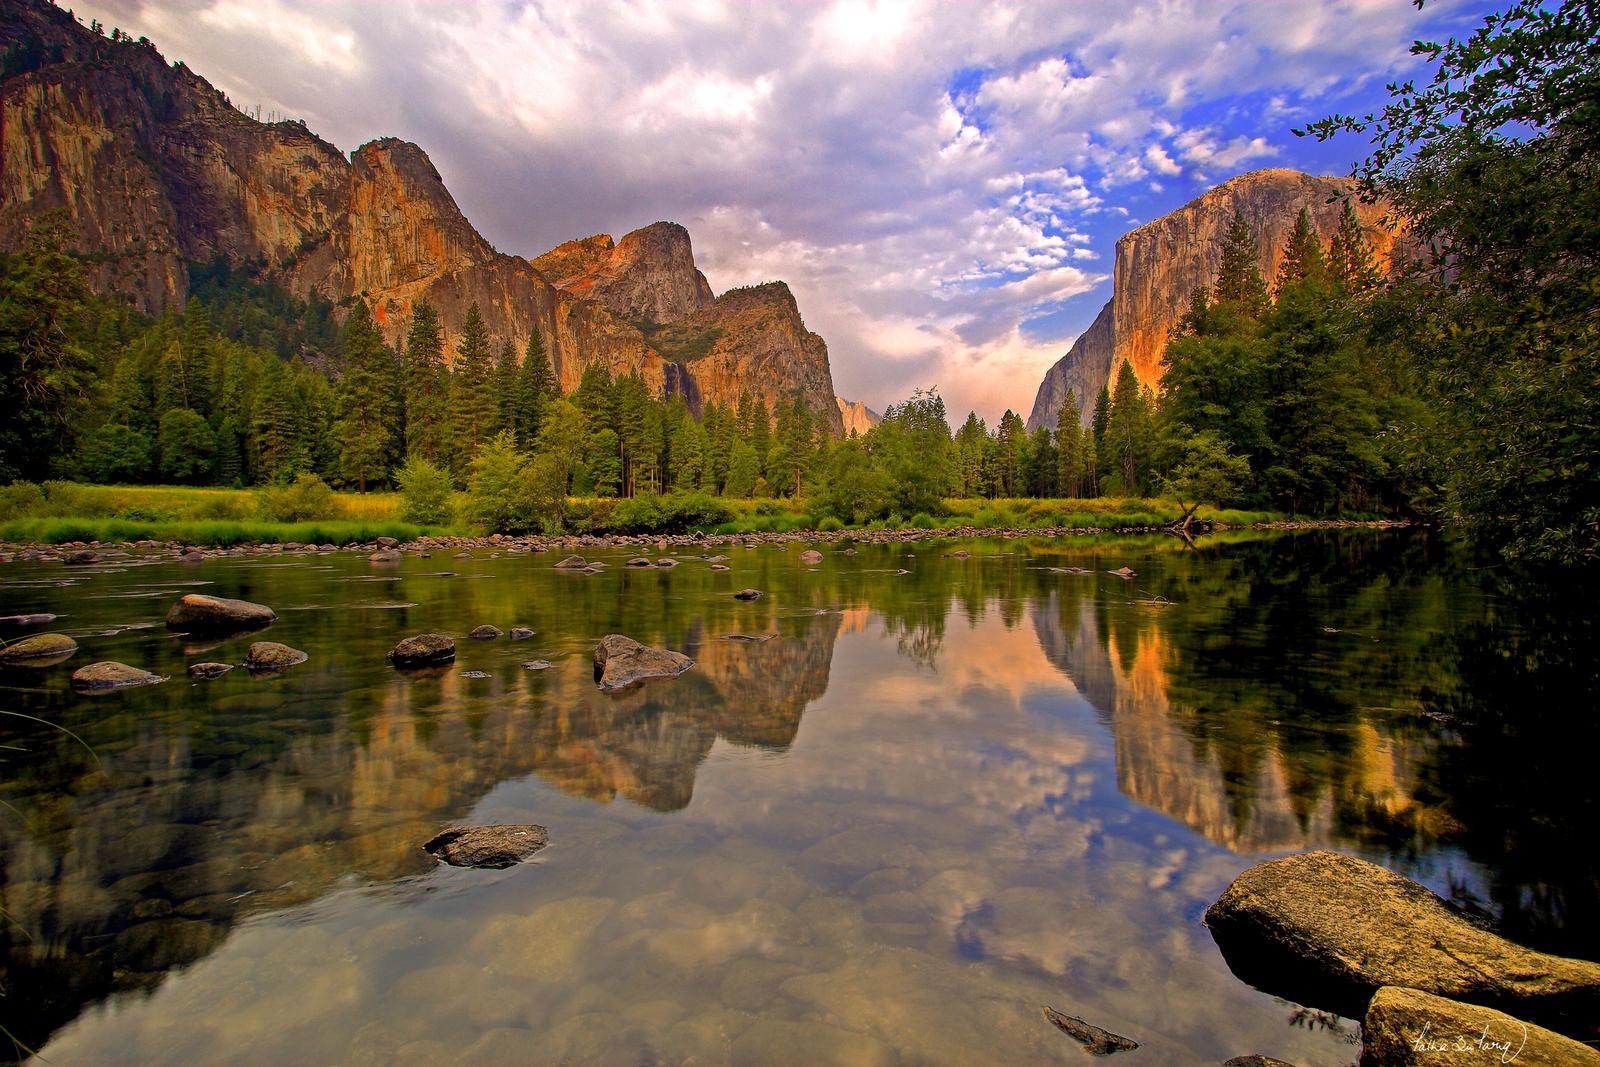 Yosemite Valley by tt83x